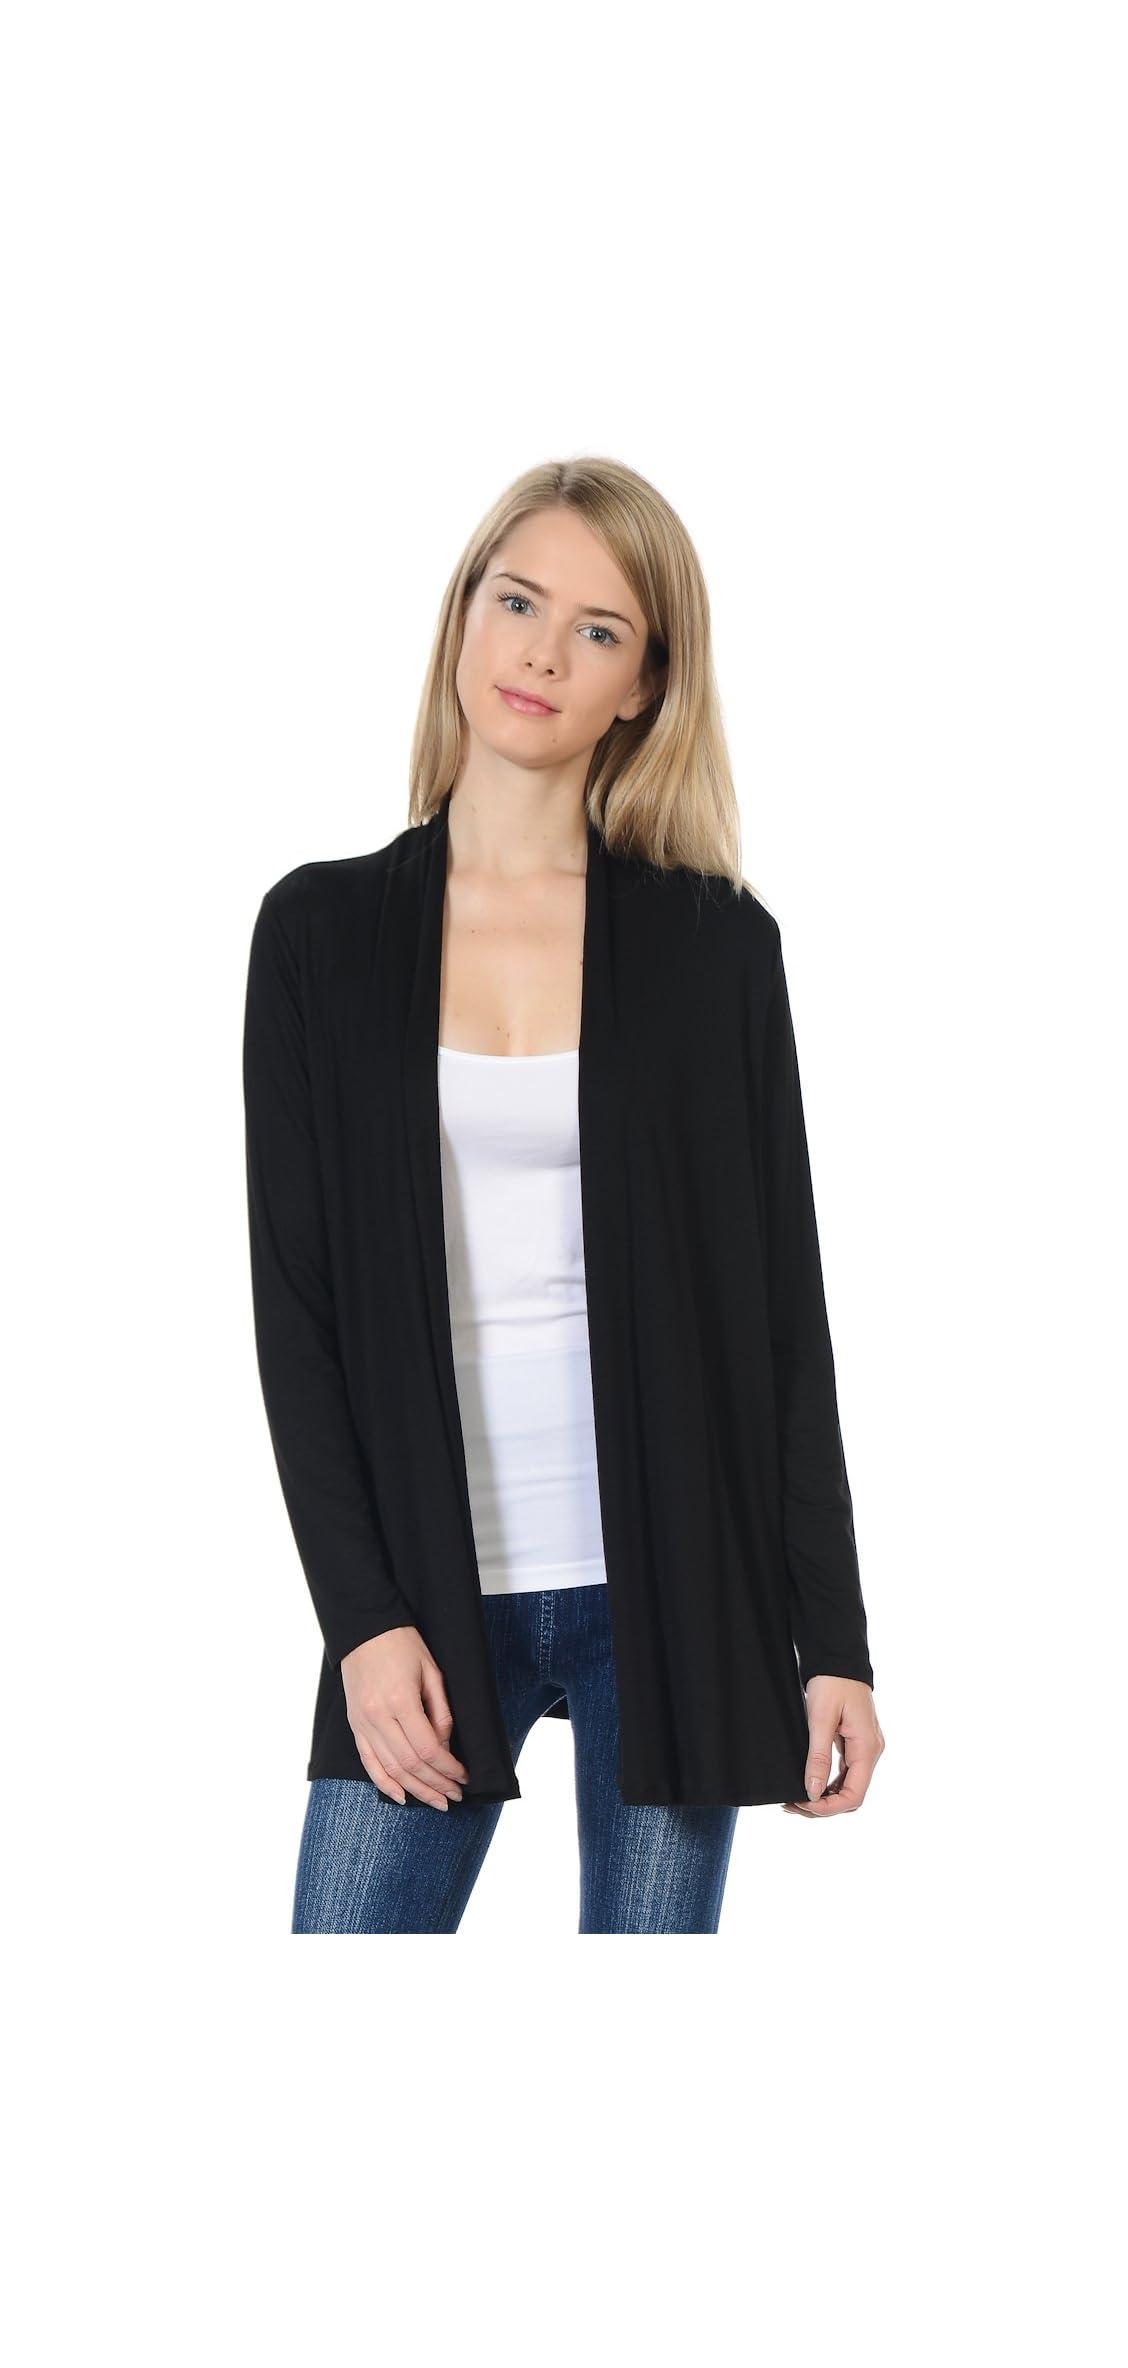 Women's Long Sleeve Jersey Cardigan